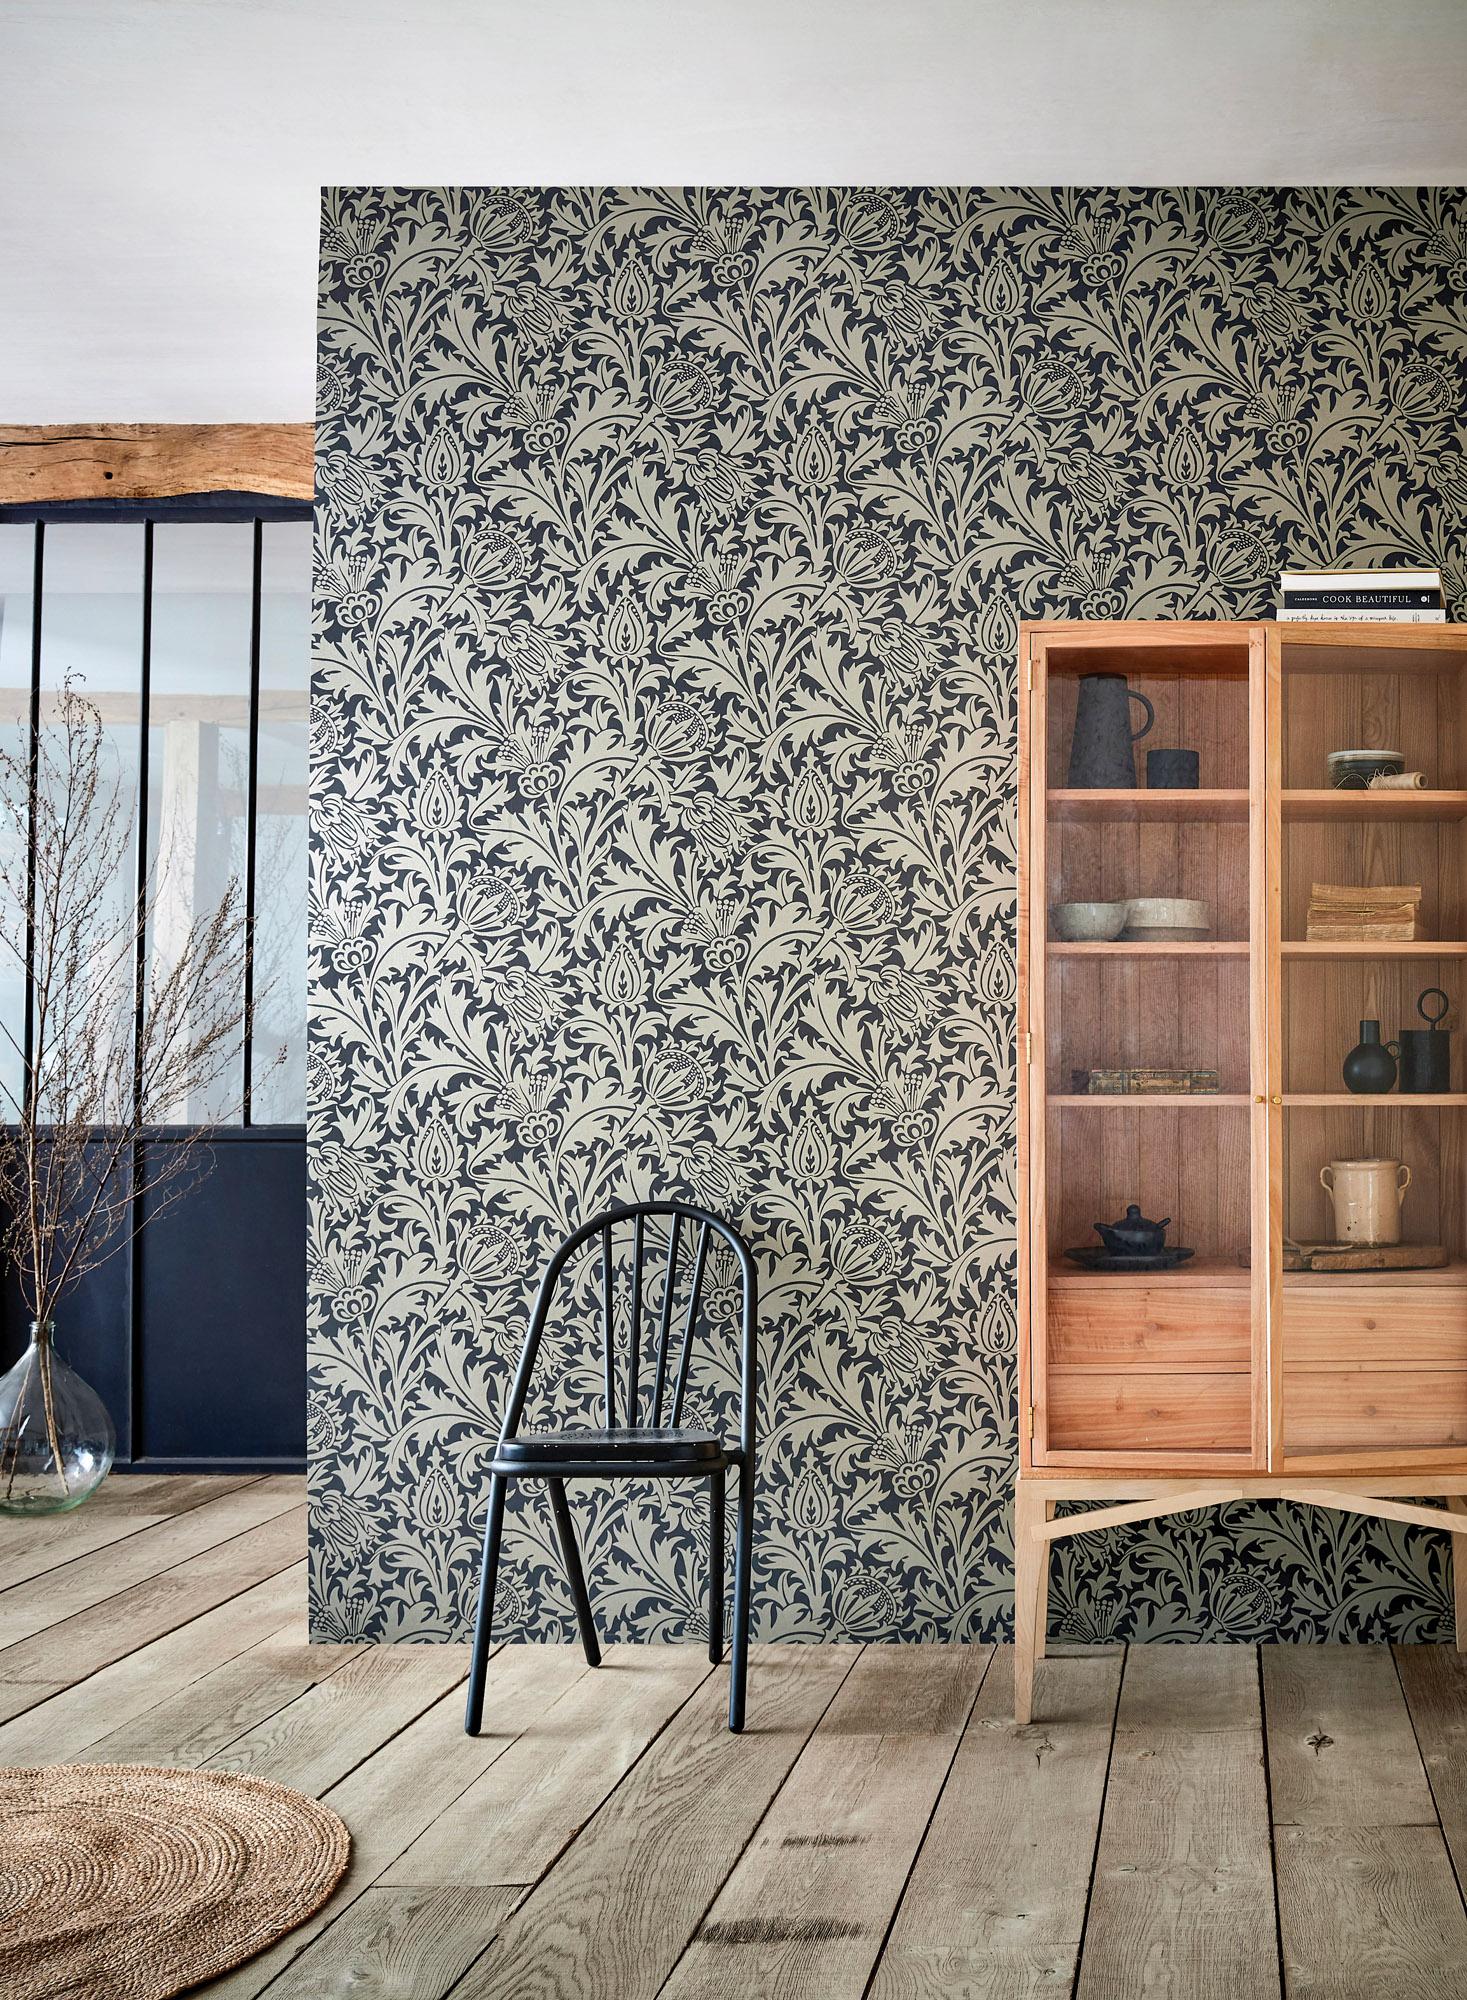 Pure Morris wallpaper